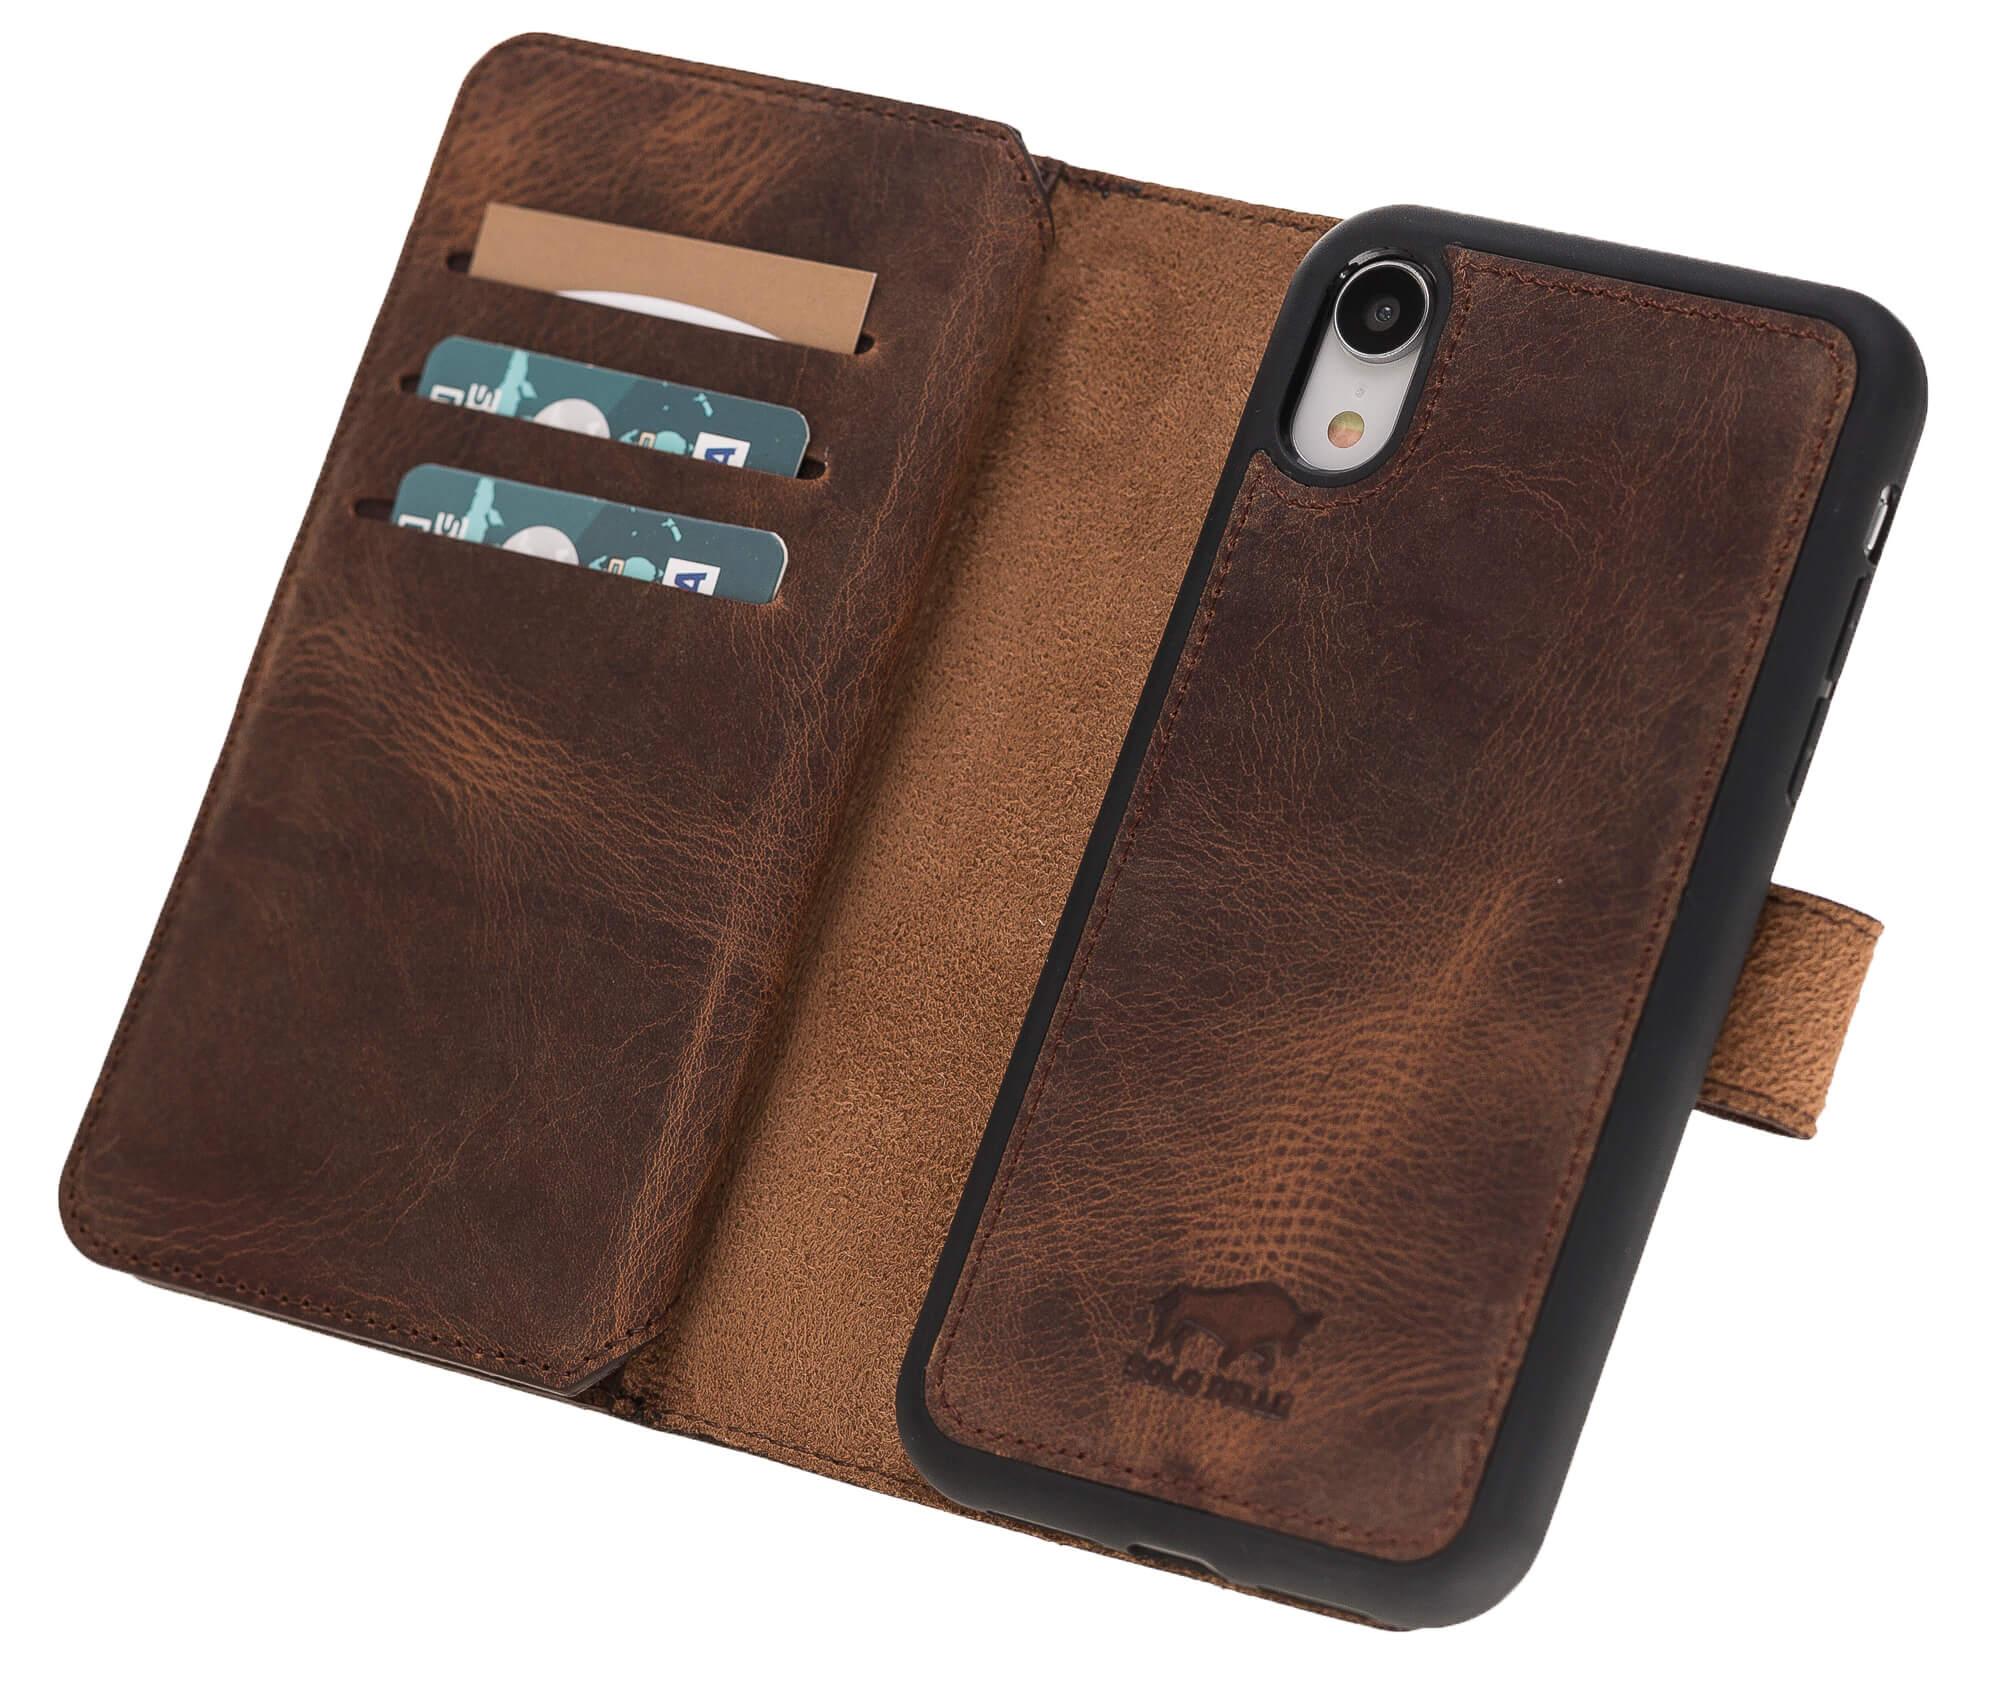 """iPhone Xr abnehmbare Lederhülle """"Darian"""" inkl. Kartenfächer in Vintage Braun inkl. Edler Geschenkverpackung Leder Hülle Tasche Lederhülle Ledertasche"""